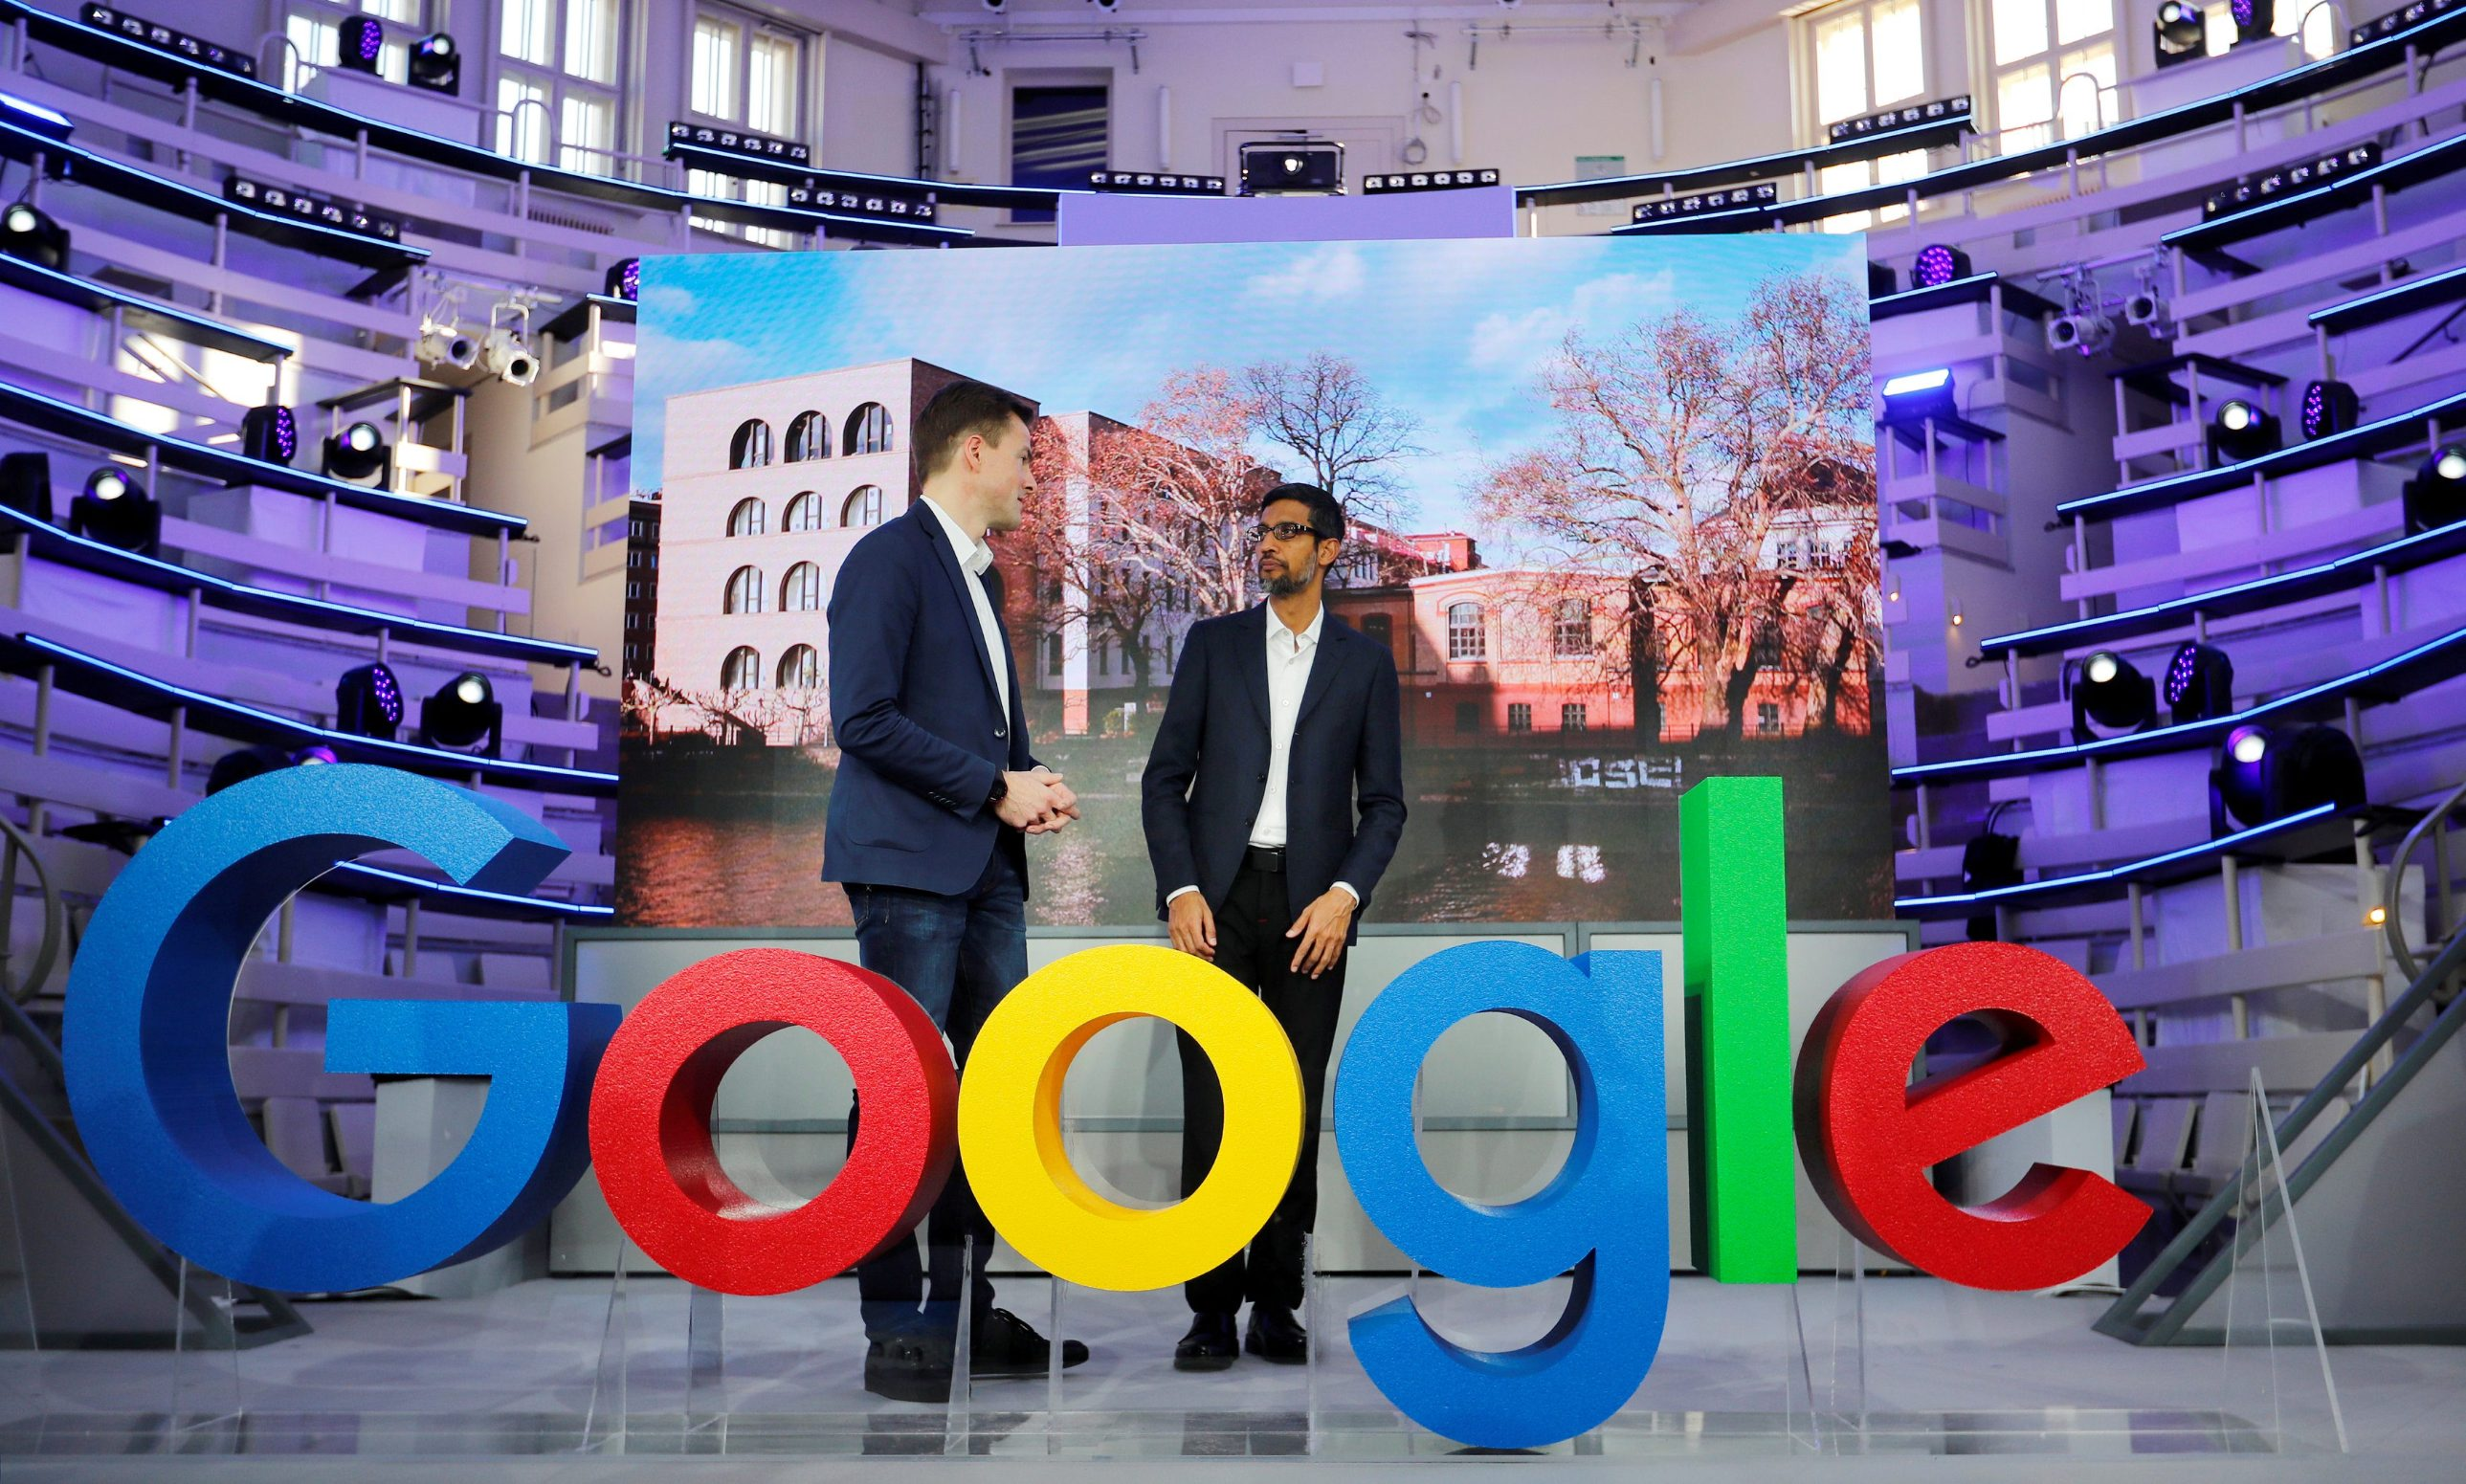 Google CEO Sundar Pichai i Phillipp Justus, potpredsjednik Google-a za središnju europu pored Google logotipa